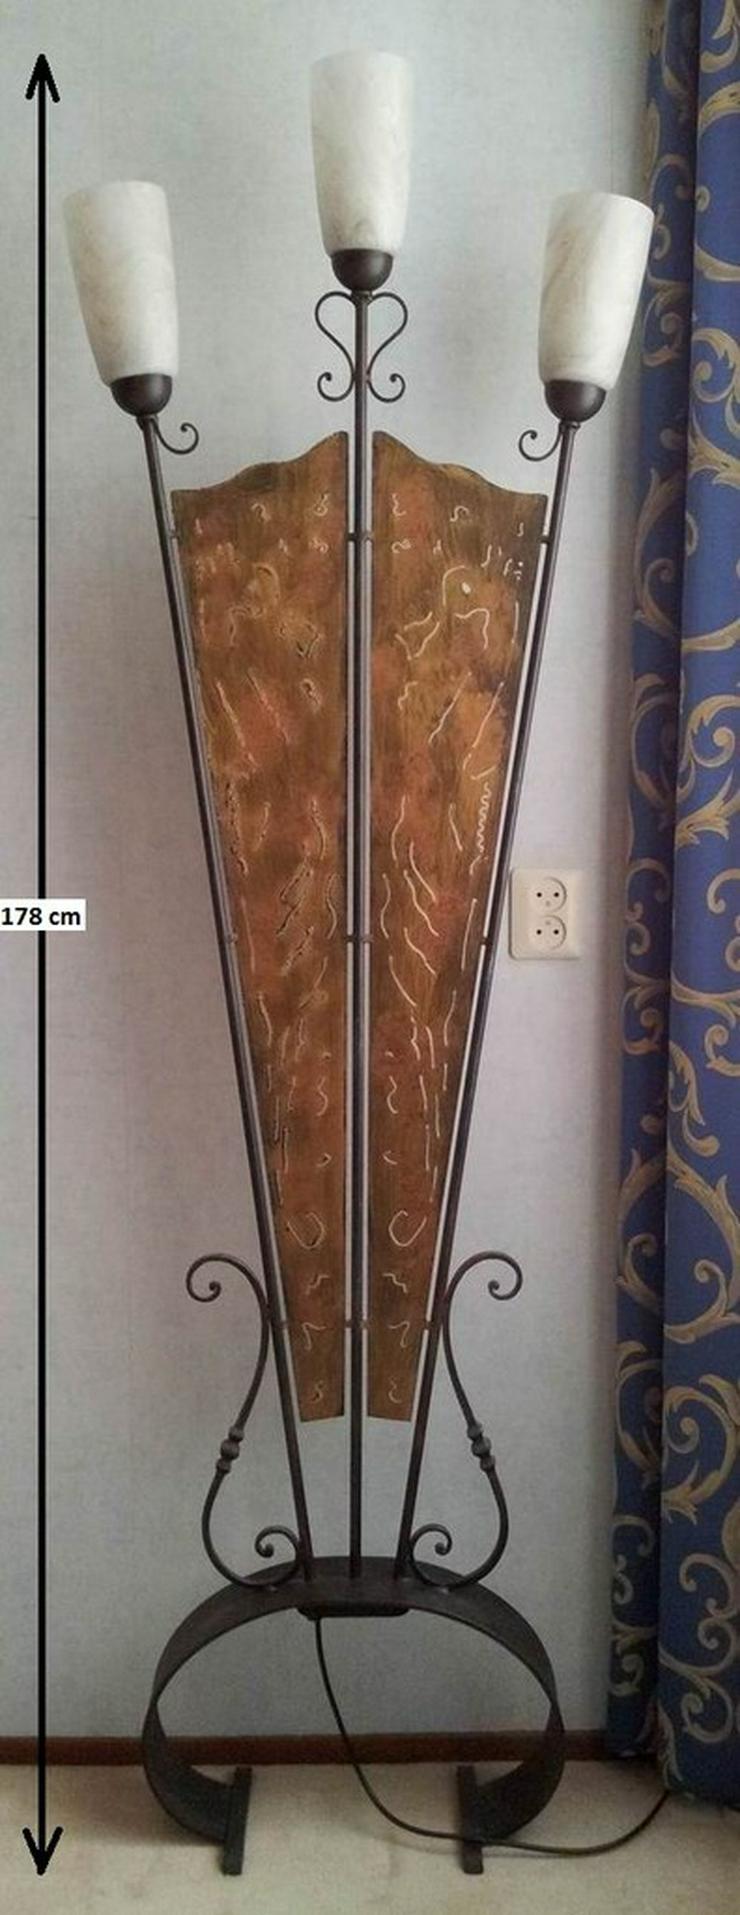 Stehlampe (Schmiedeeisen) - Stehlampen - Bild 1